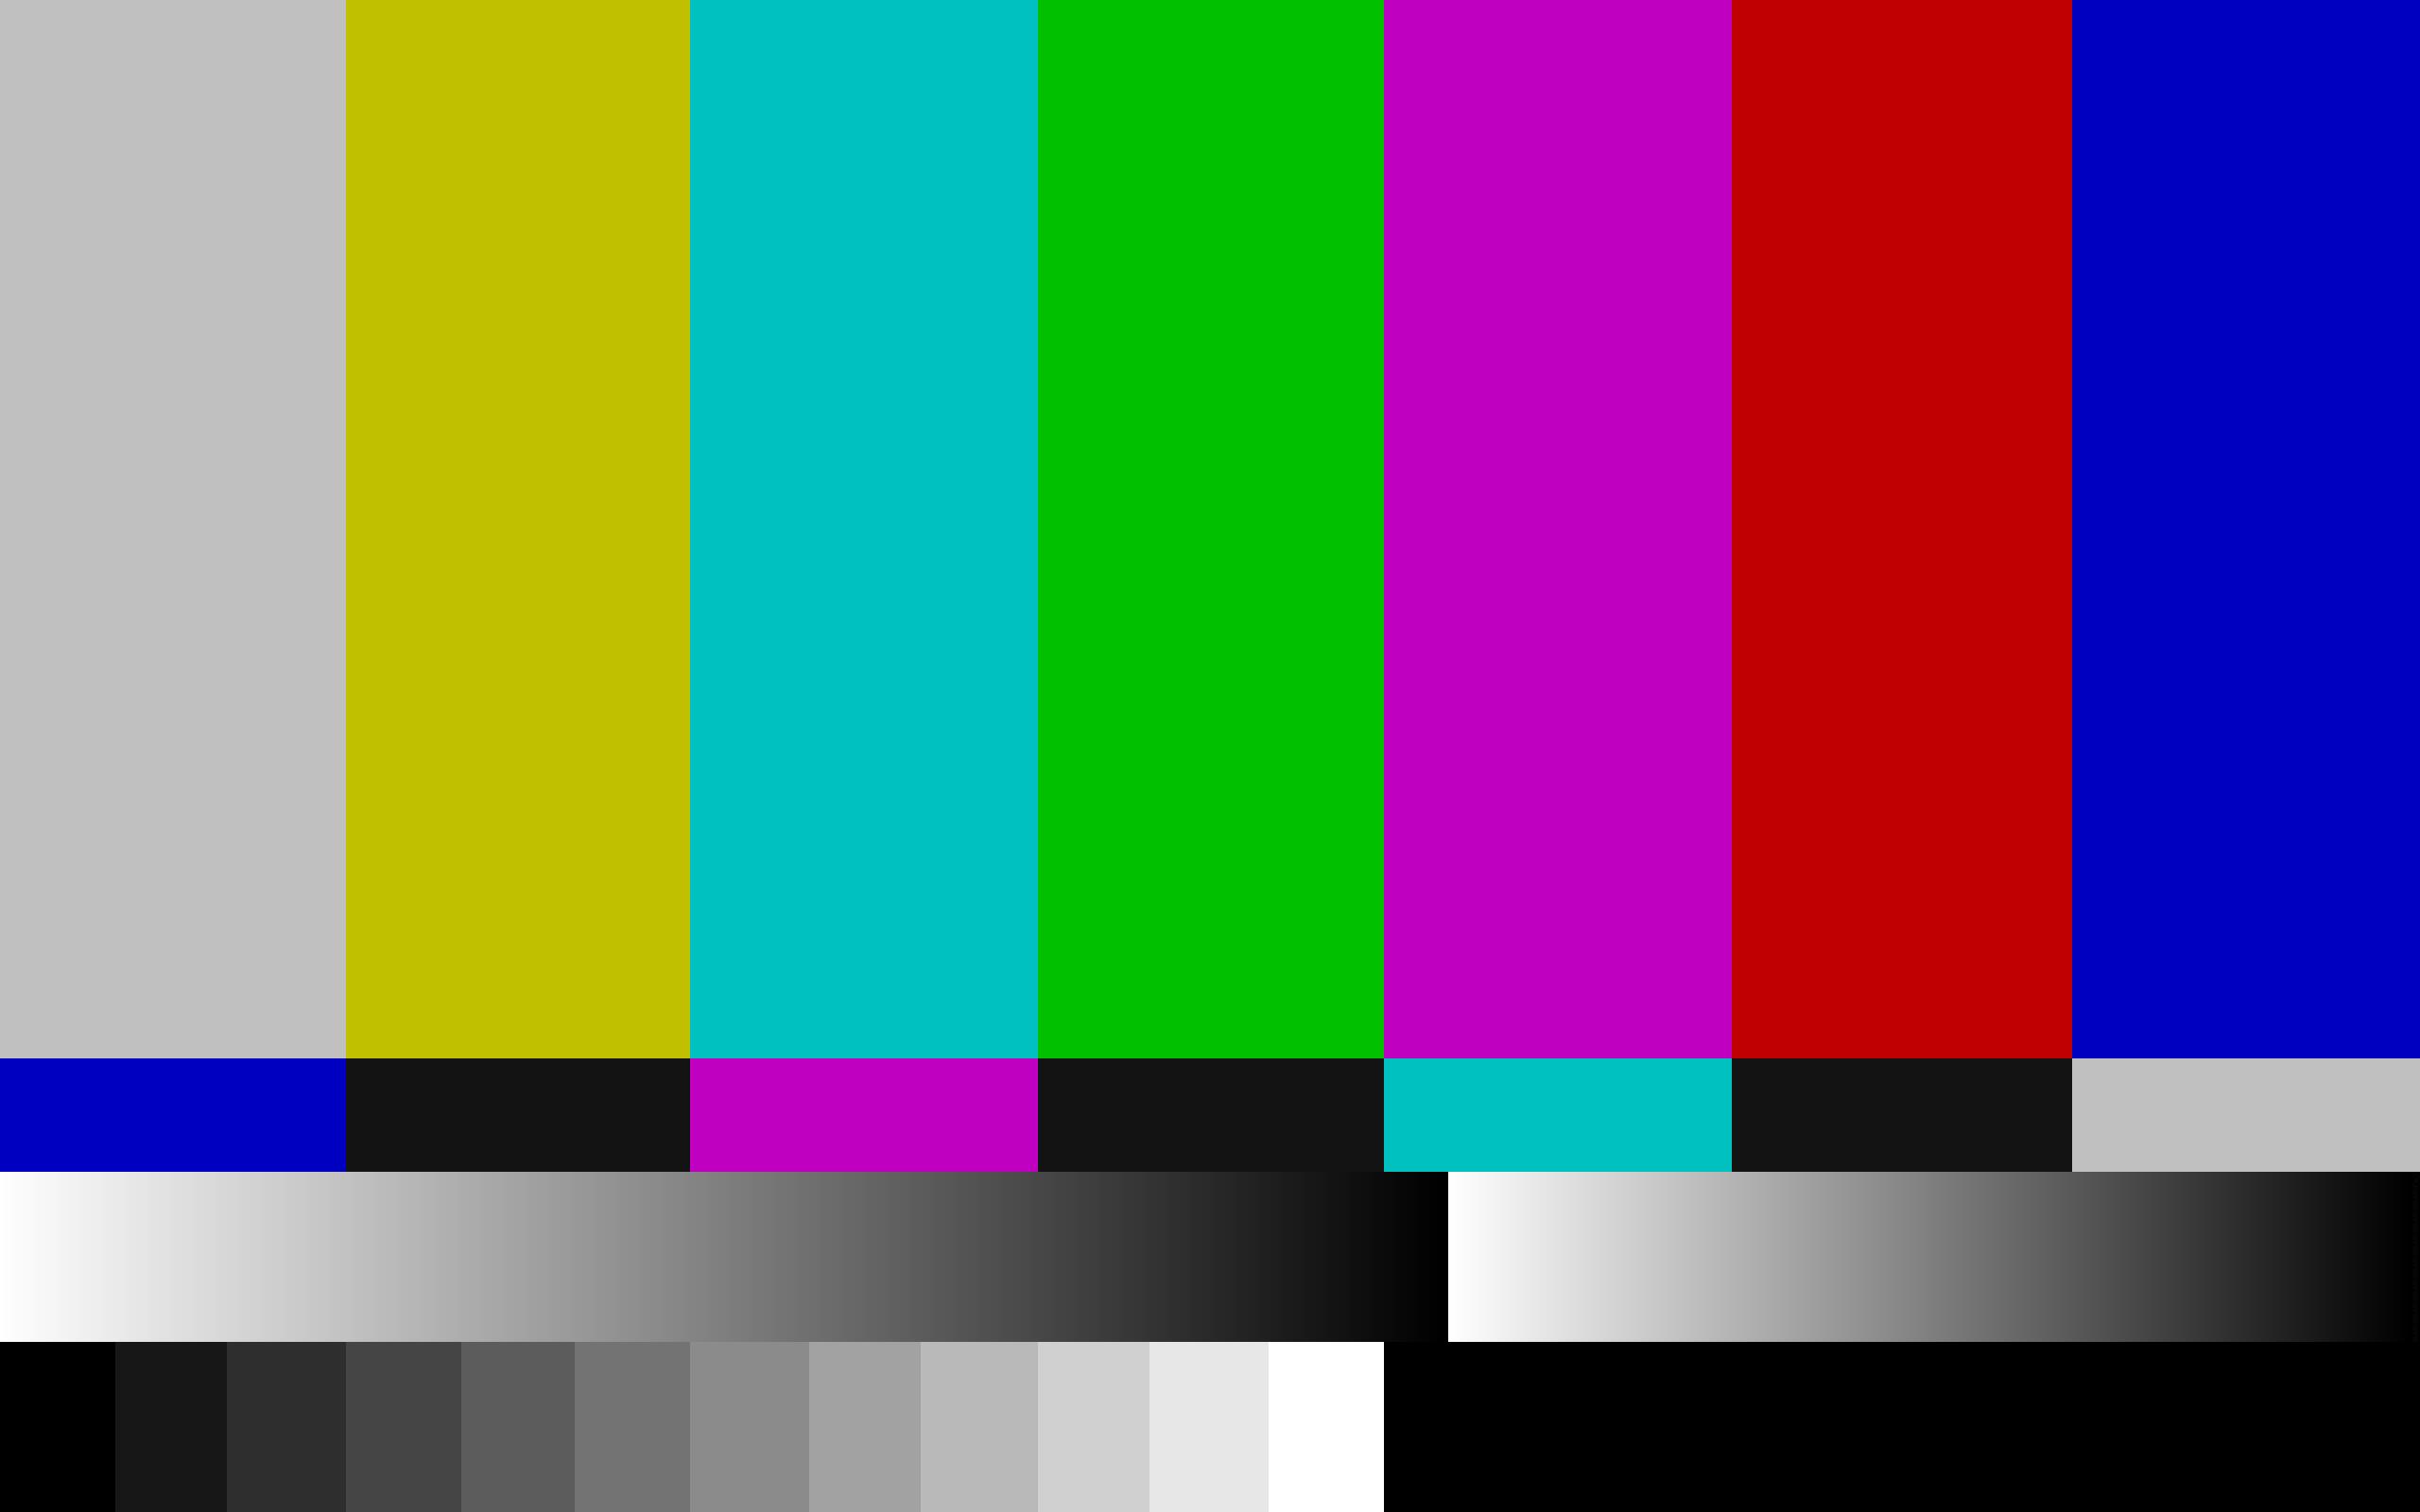 контрастная картинка на телевизоре